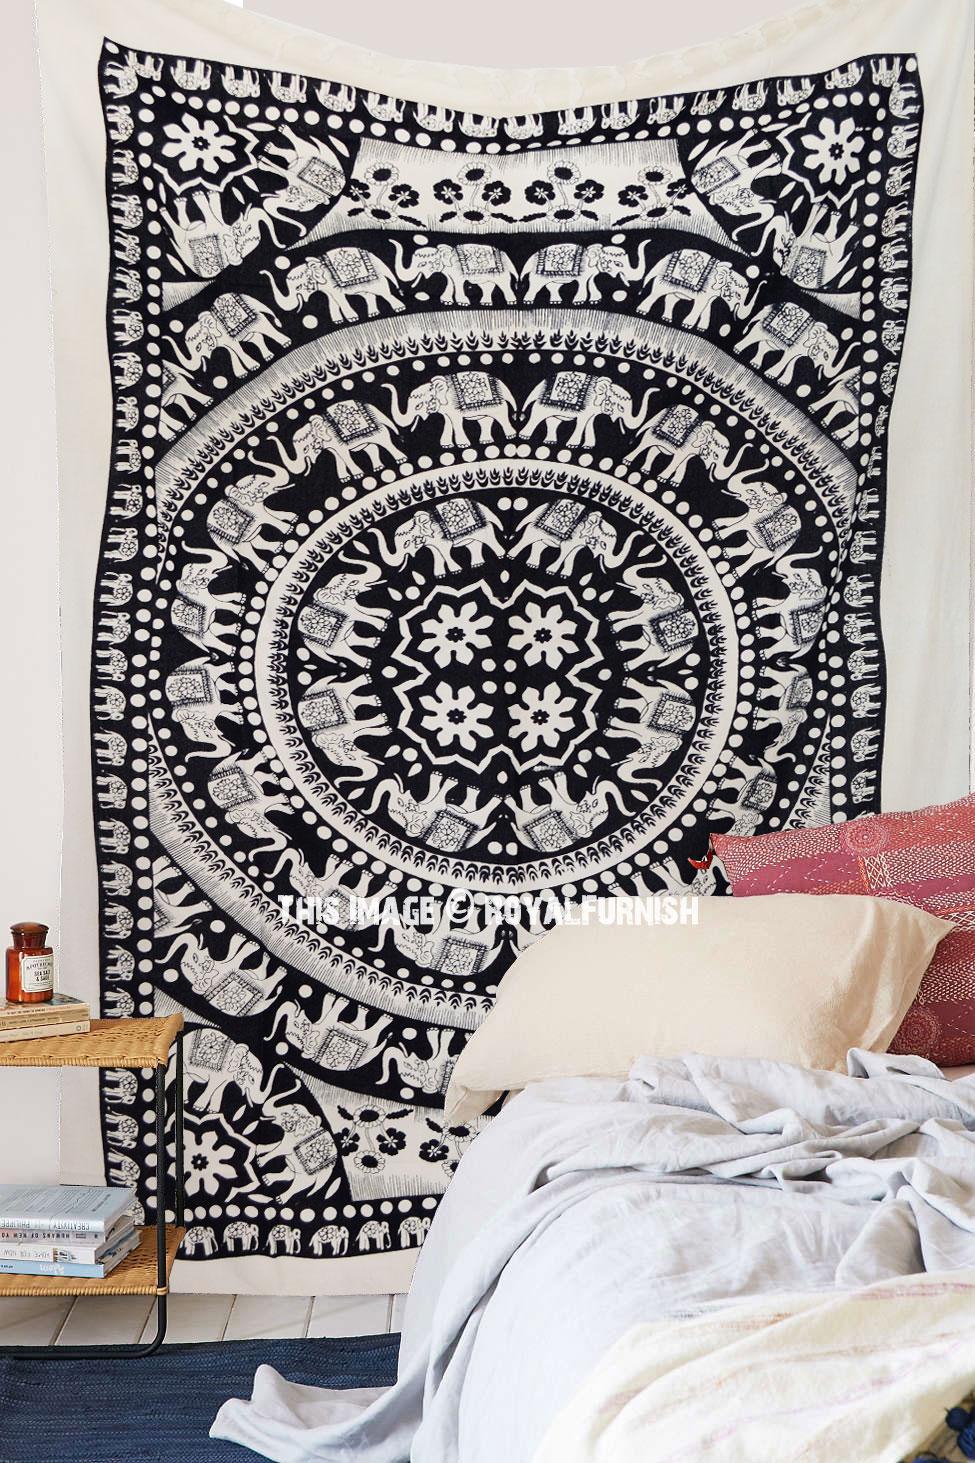 Black And White Fringed Elephant Mandala Tapestry Indian Bohemian Bedding Royalfurnish Com